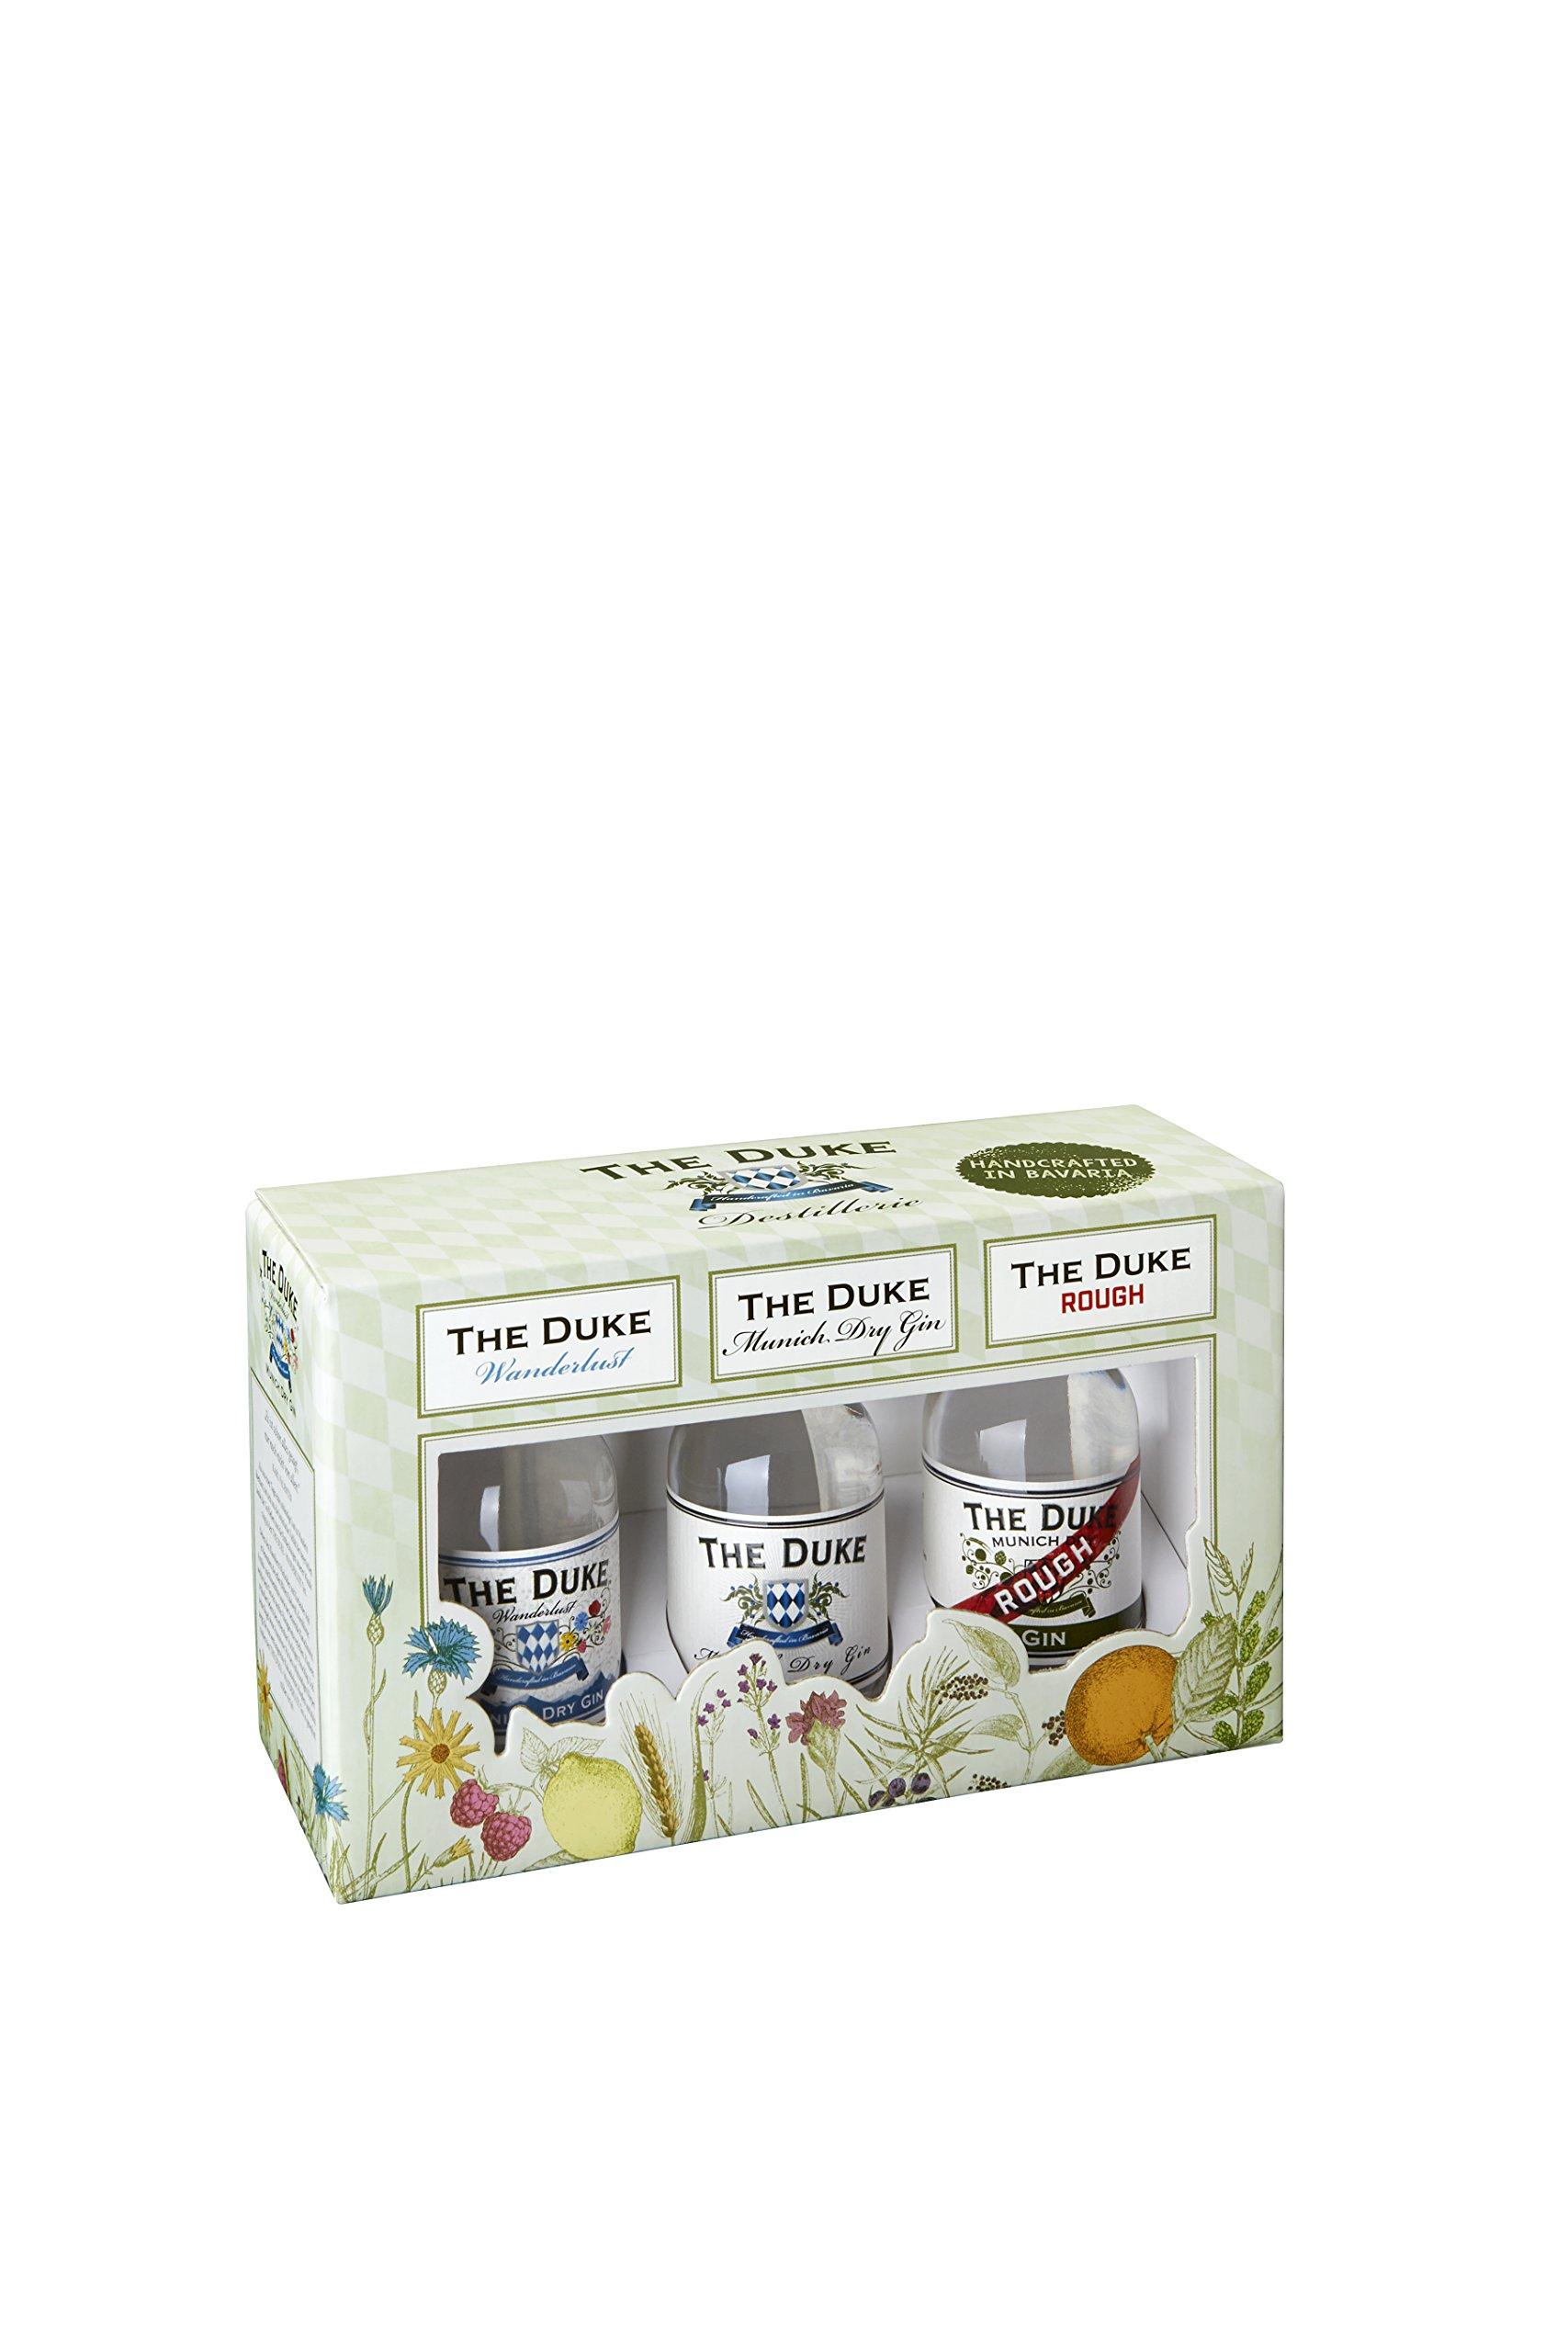 The-Duke-Munich-Dry-Gin-Miniatur-Geschenkset